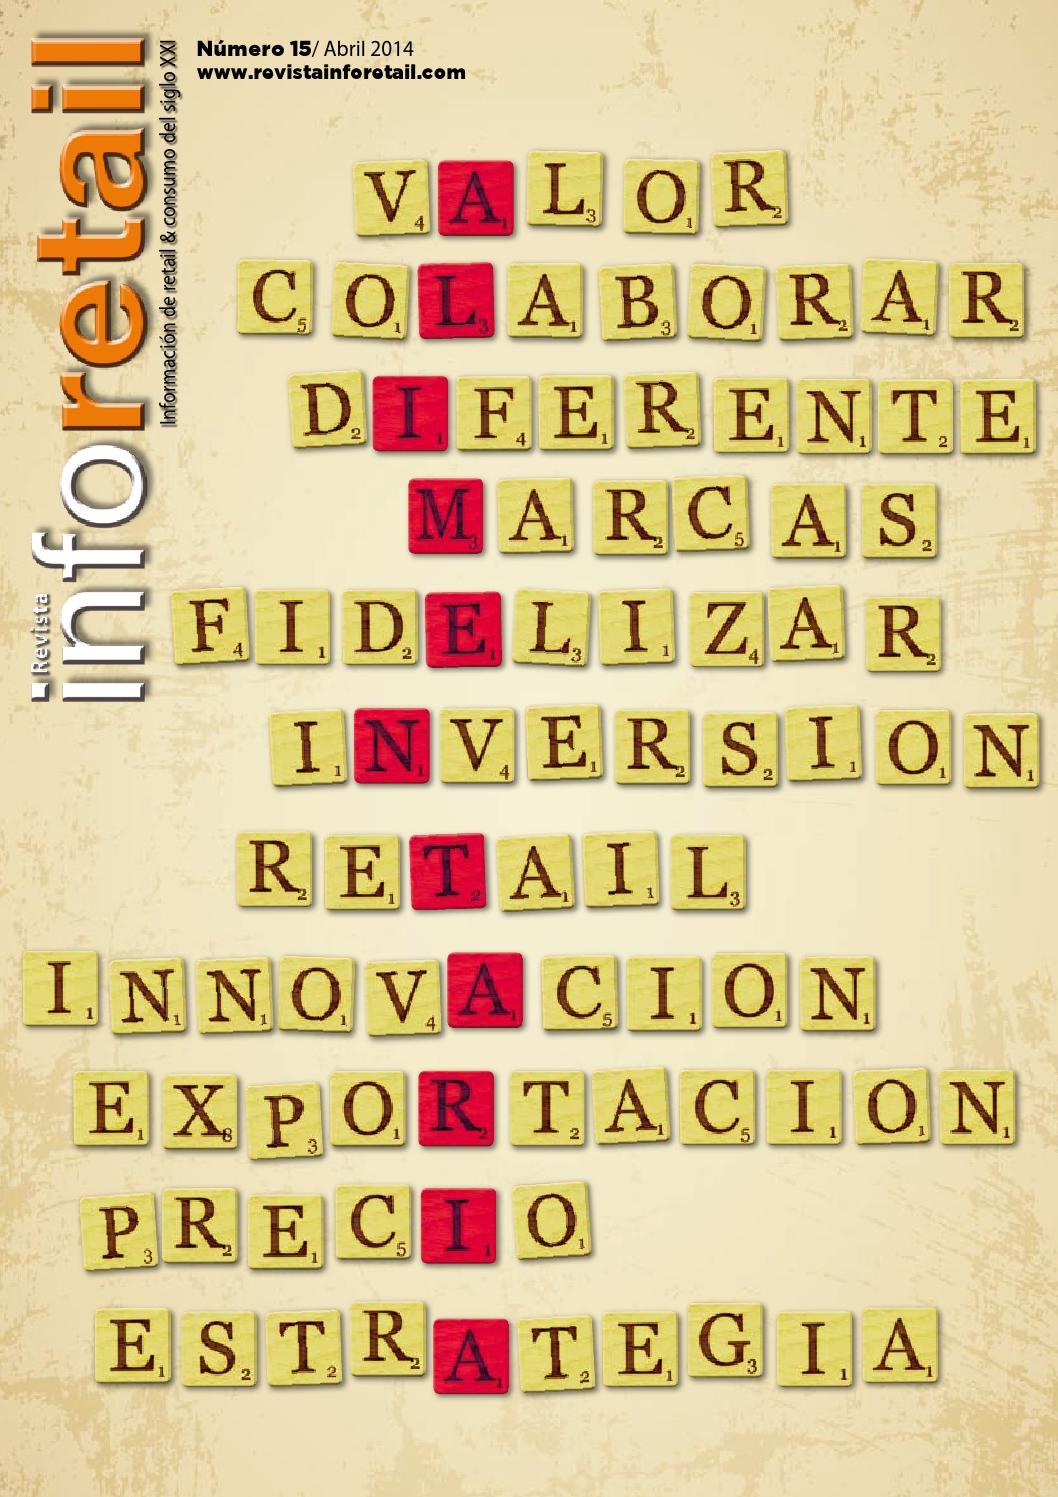 Revista inforetail 15 by Revista infoRetail - issuu